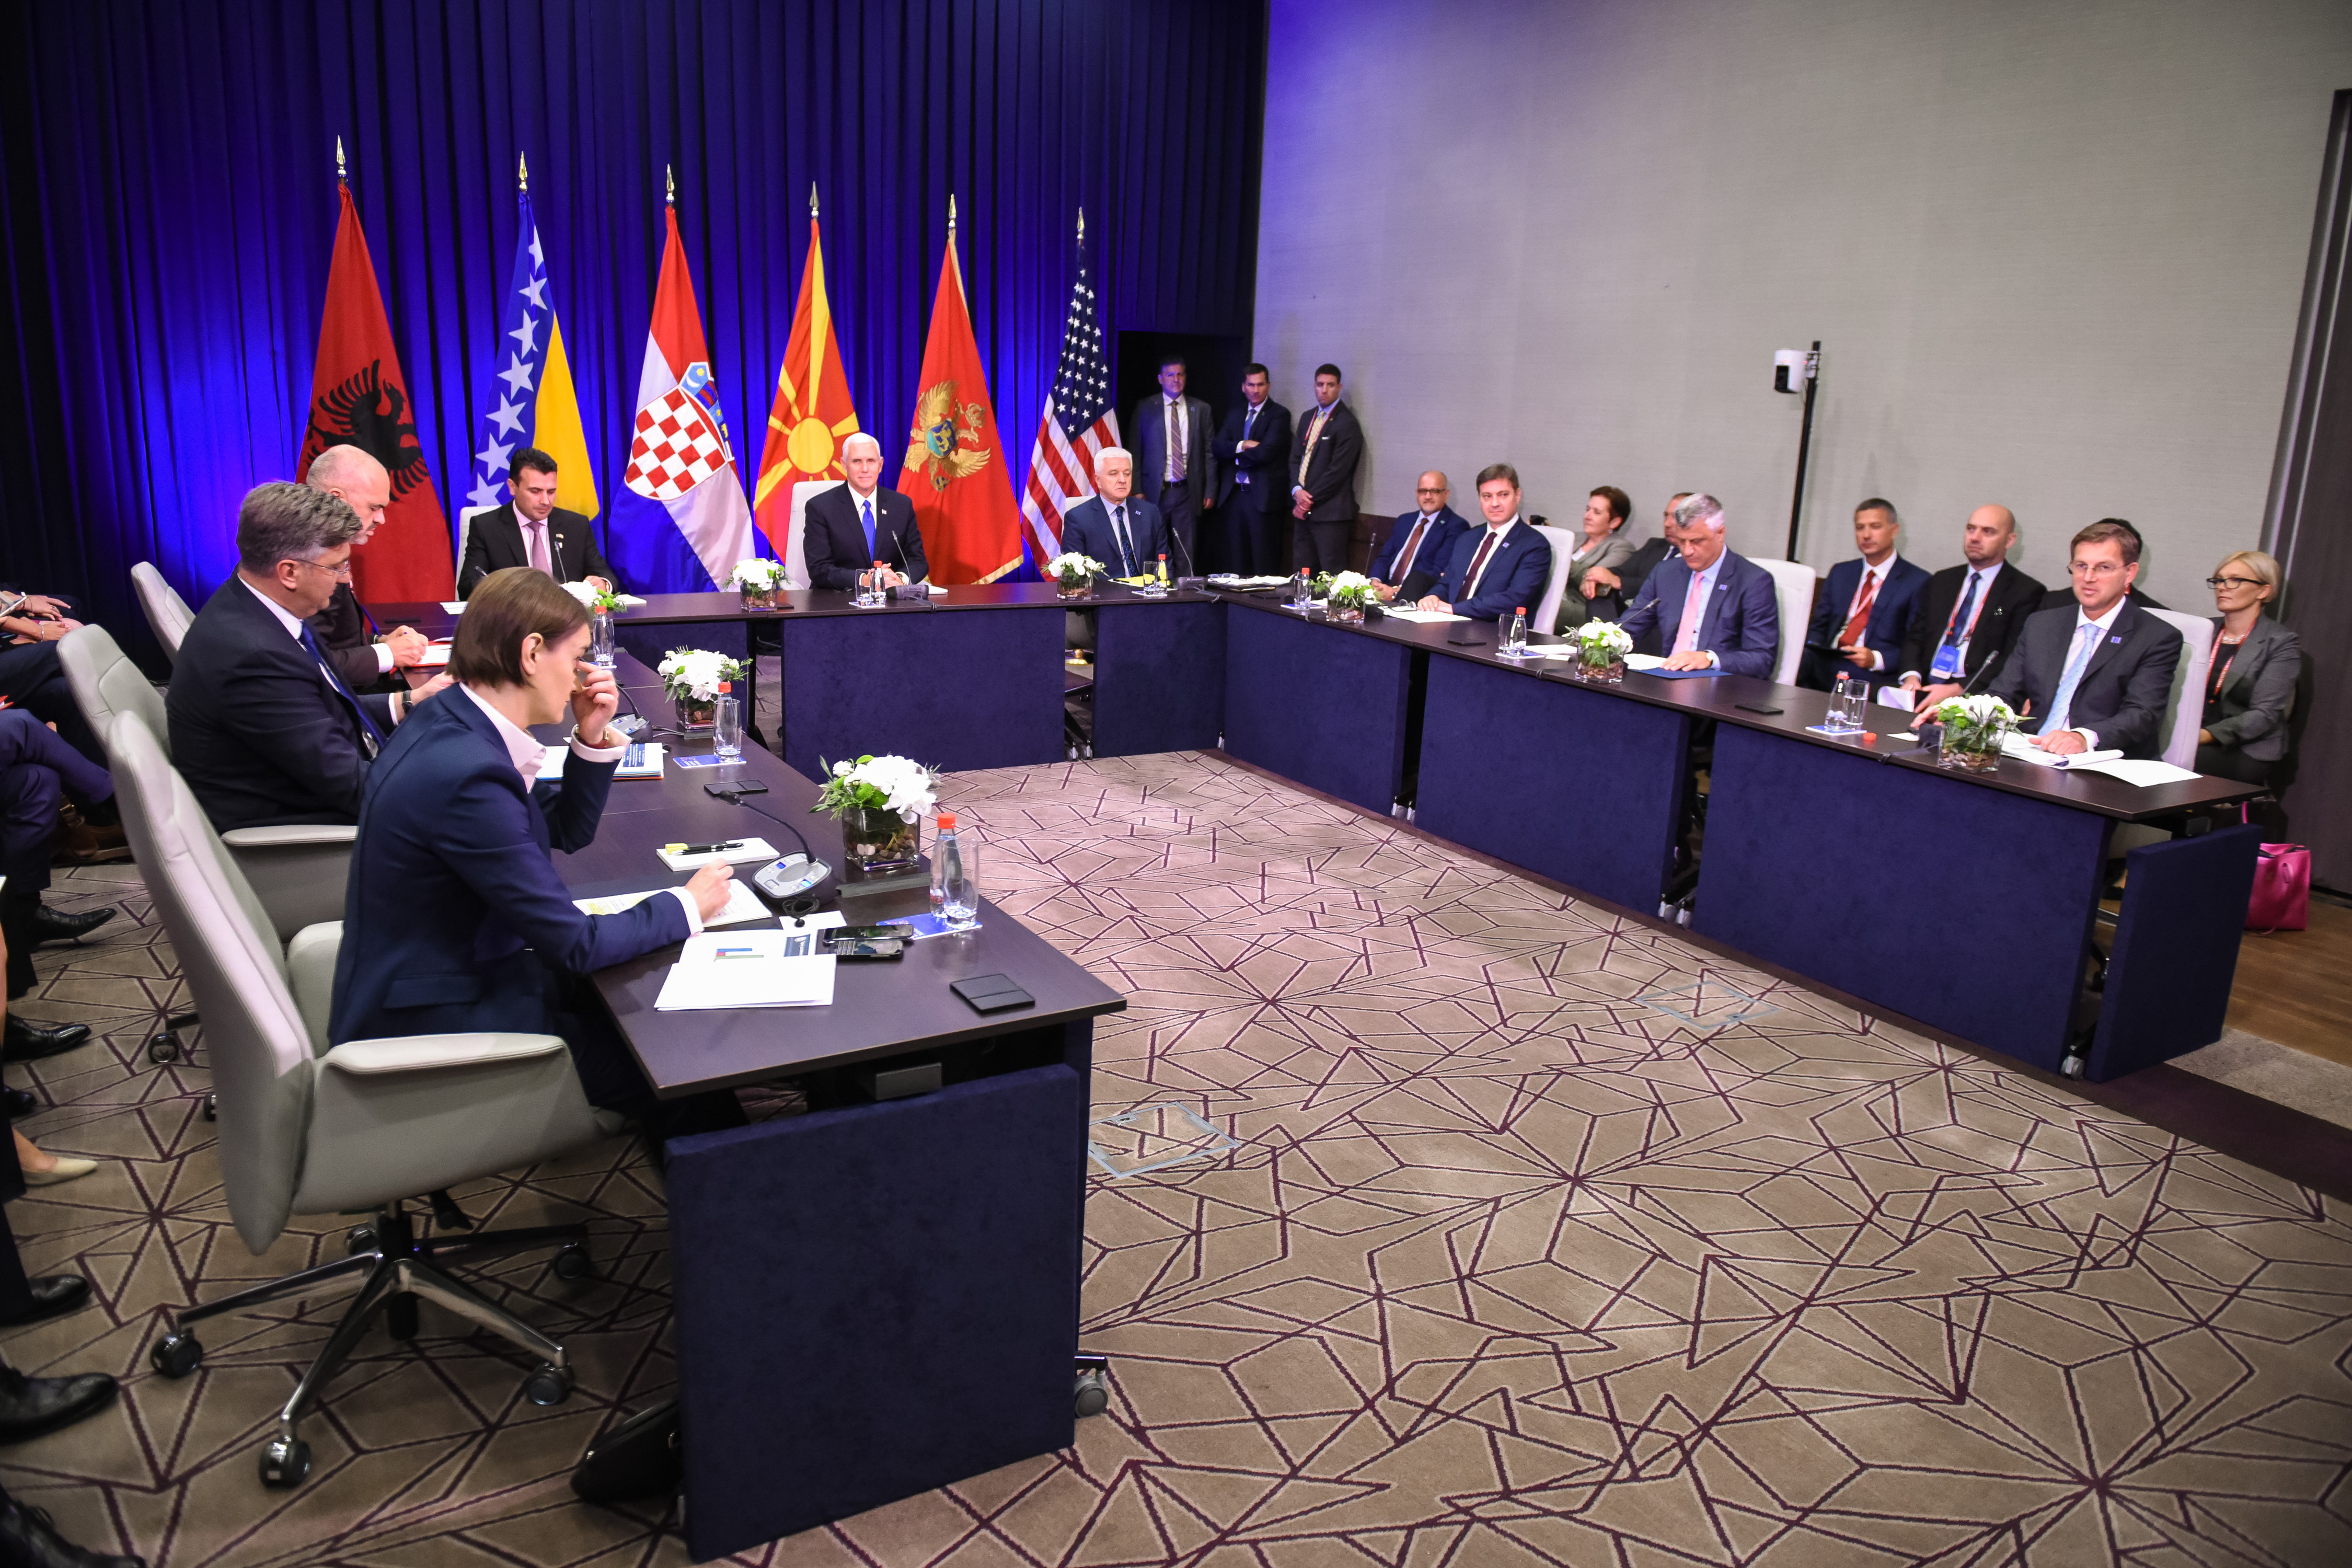 Crna gora, Podgorica. Drugi del posebnega zasedanja drzav clanic Jadranske listine in opazovalk.